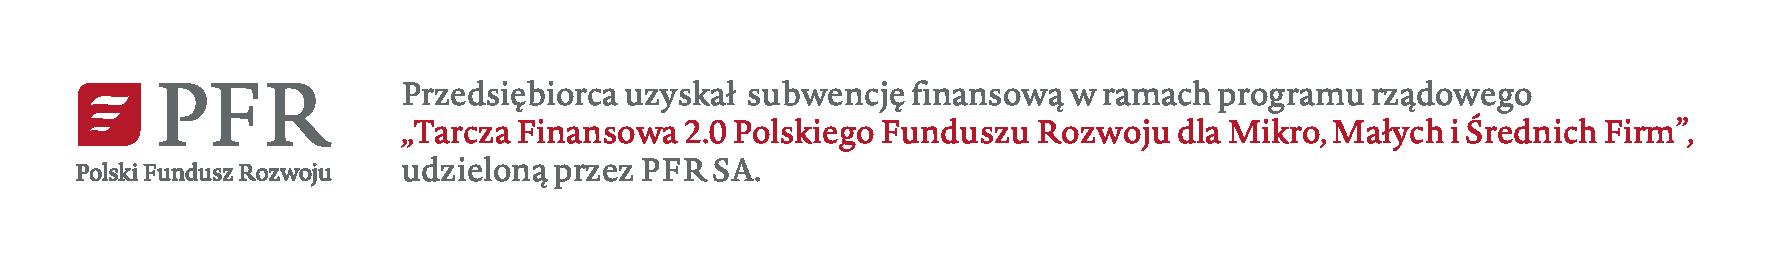 plansza_informacyjna_PFR_poziom.png